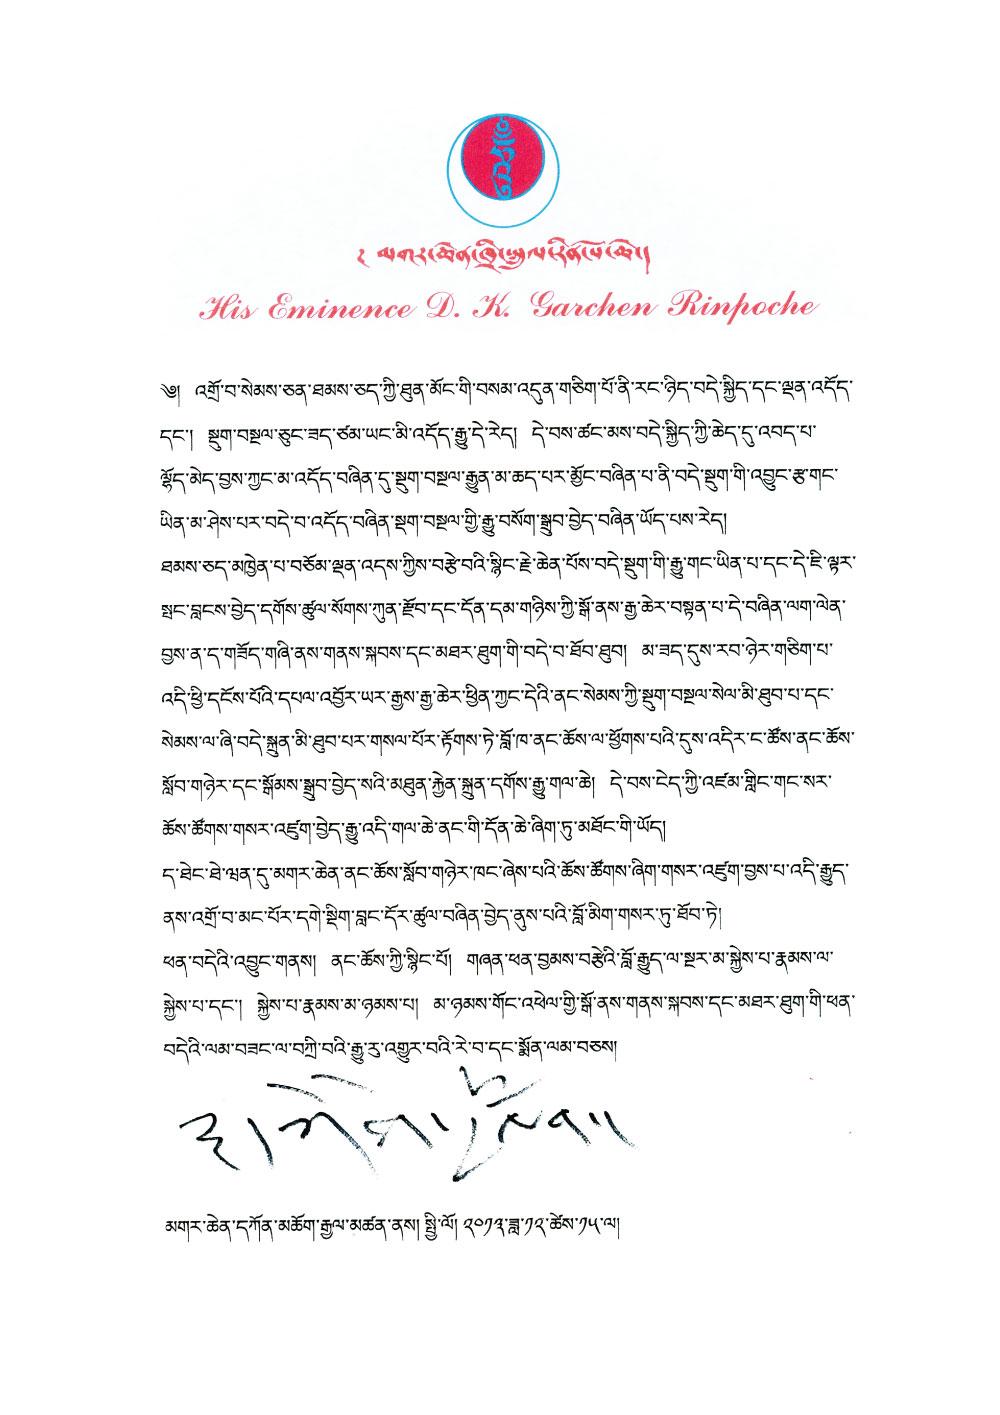 噶千仁波切寫給中心的信-藏文版